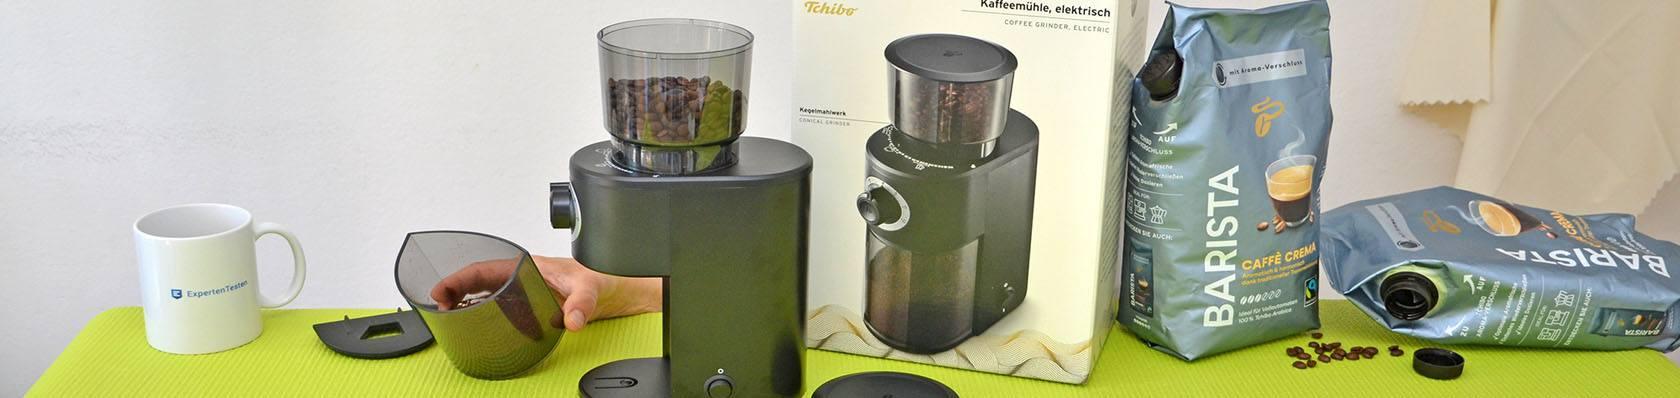 Kaffeemühlen im Test auf ExpertenTesten.de